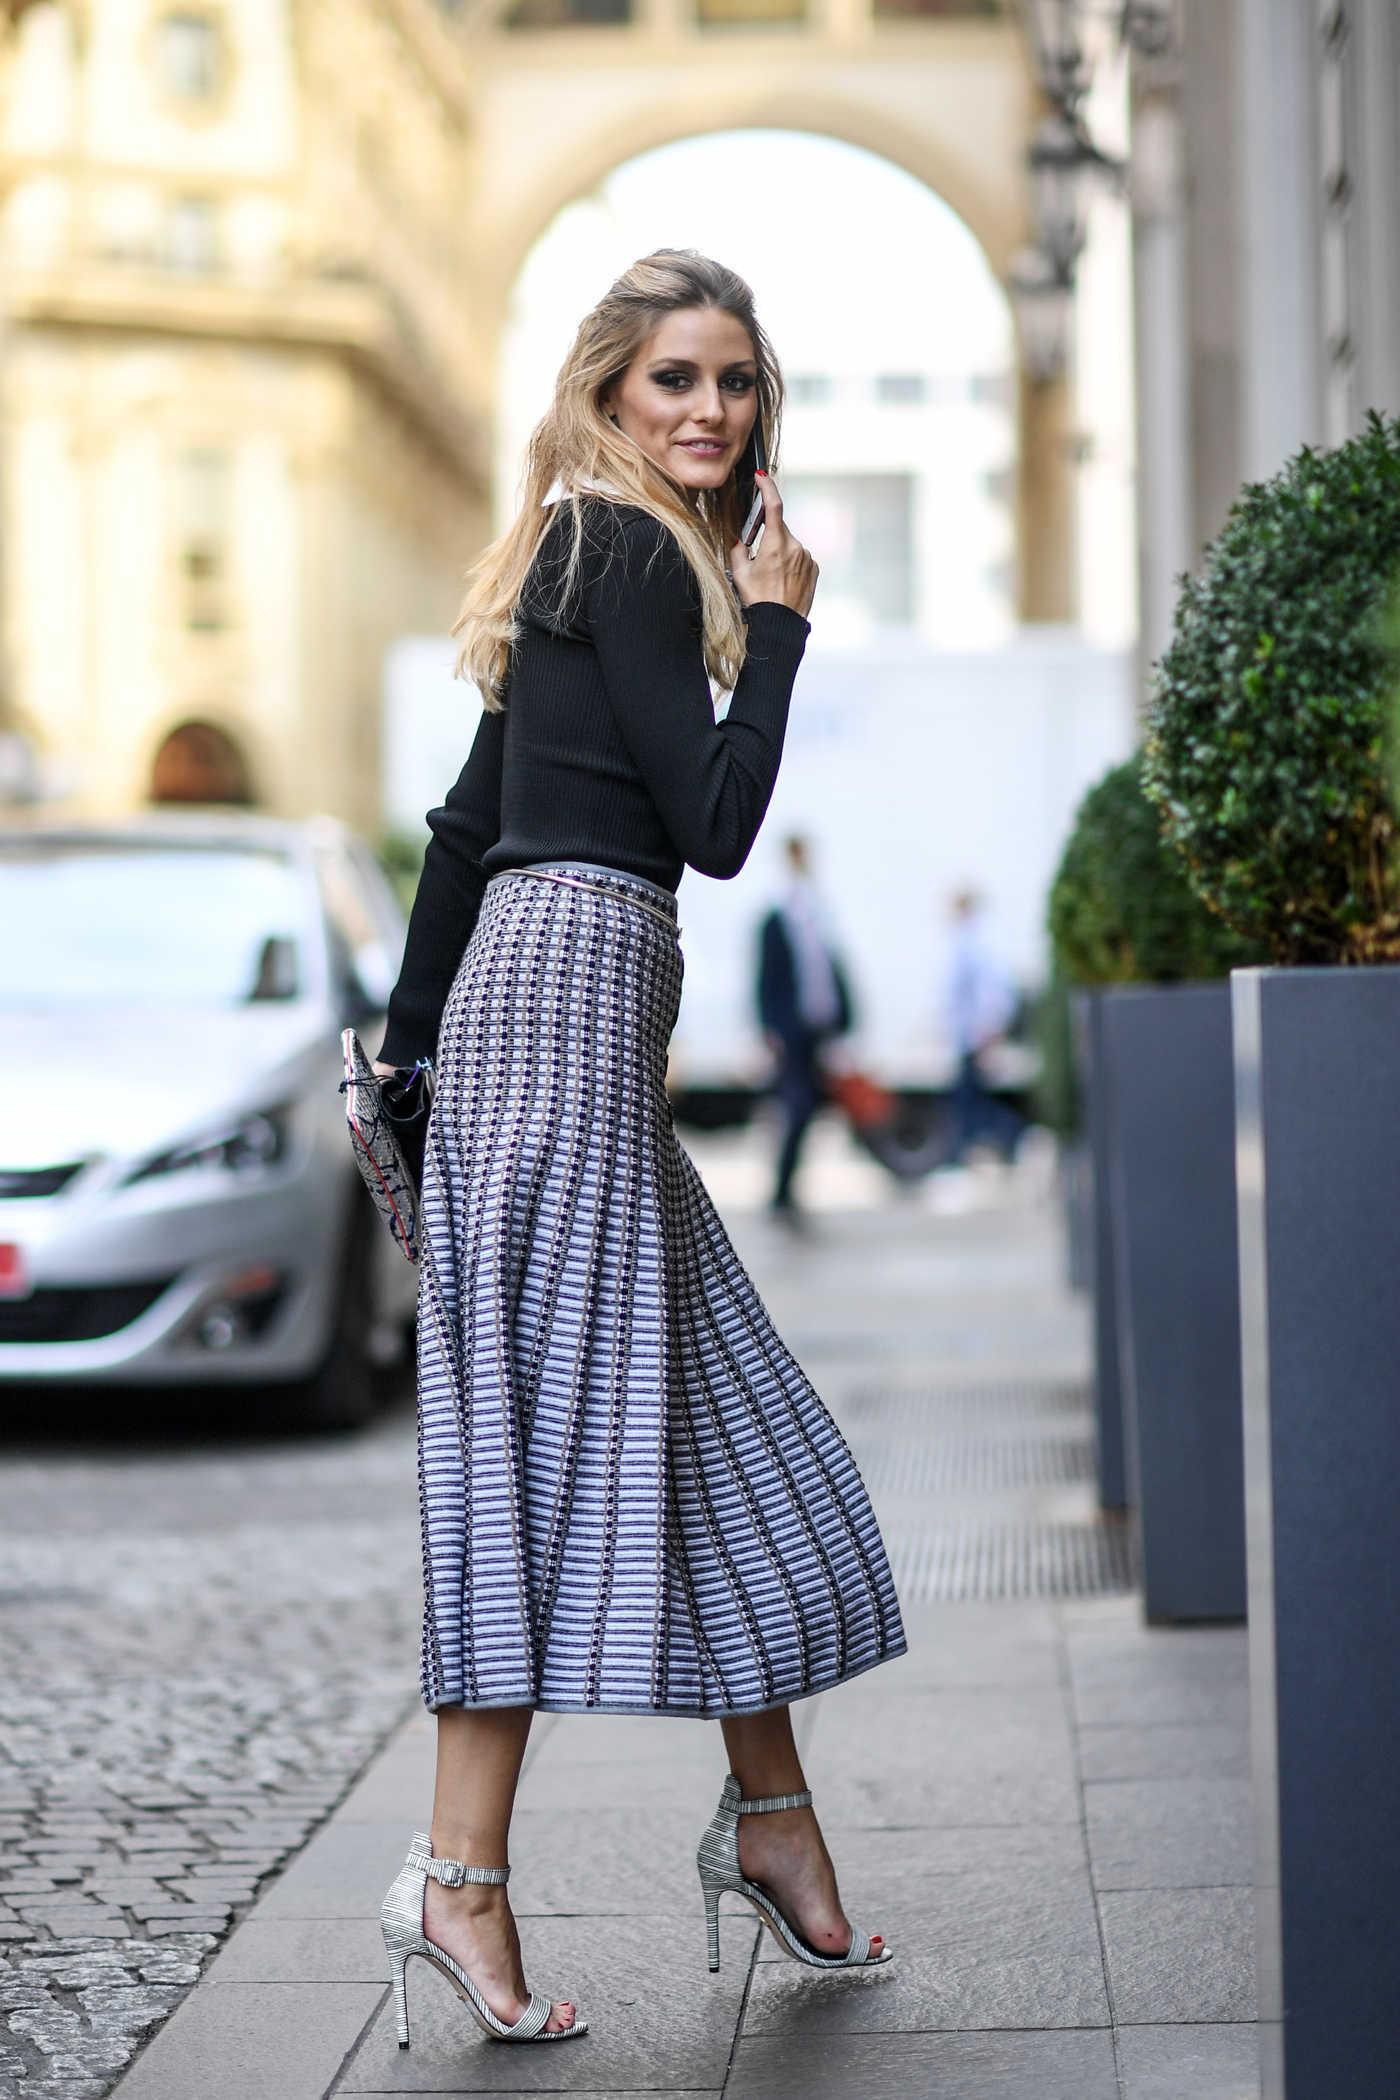 Olivia Palermo – Key picks for Coast